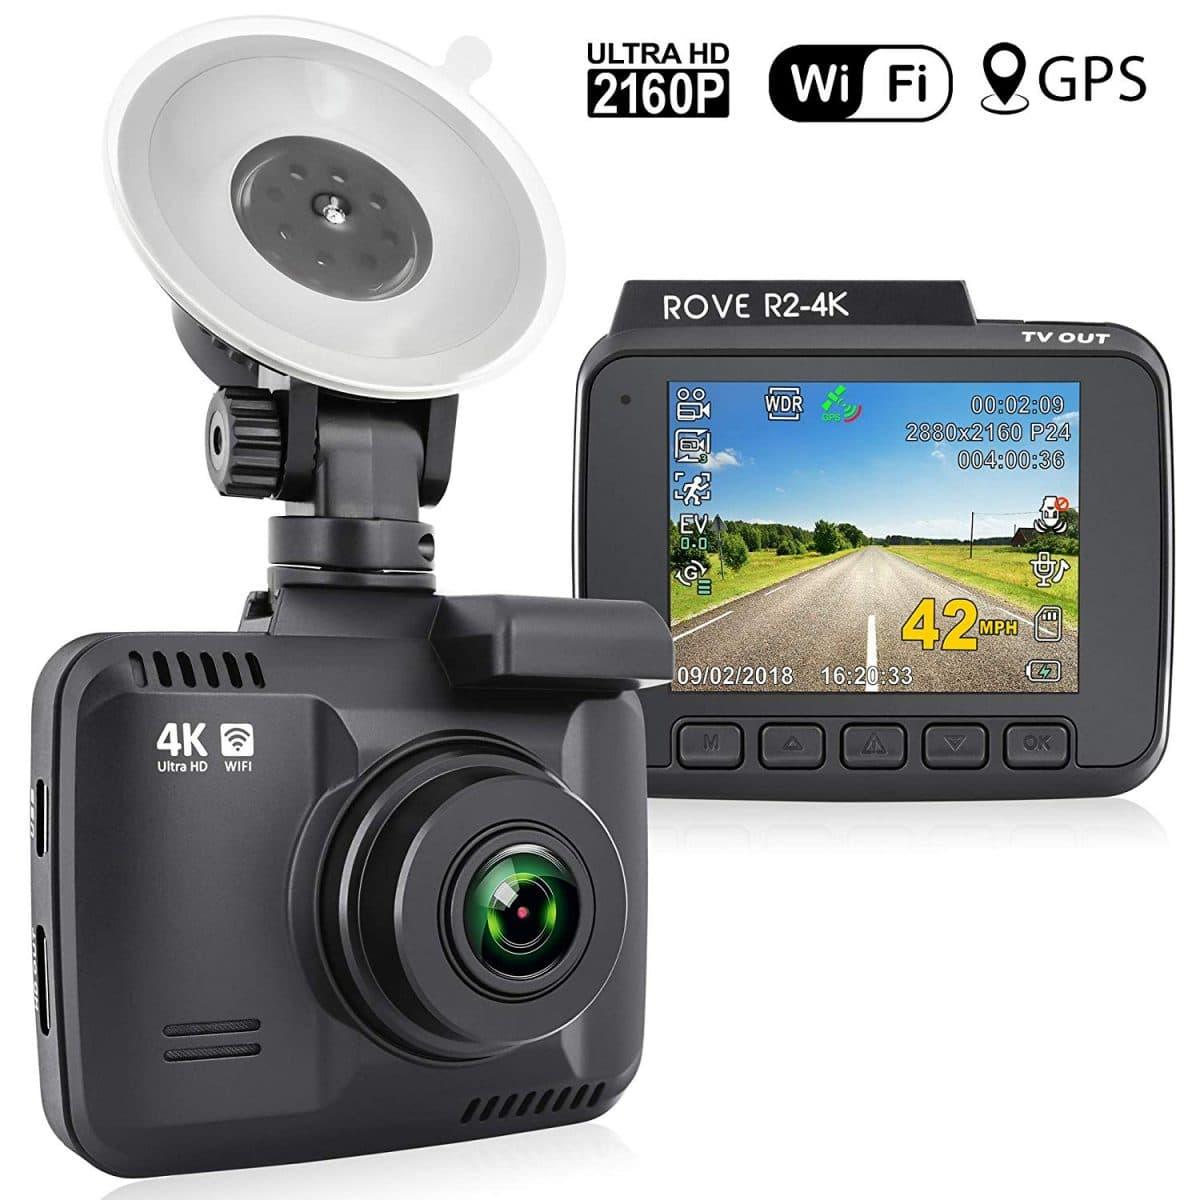 Best Cheap Dash Cameras 2019 (Under $50 / $100) - BudgetReport